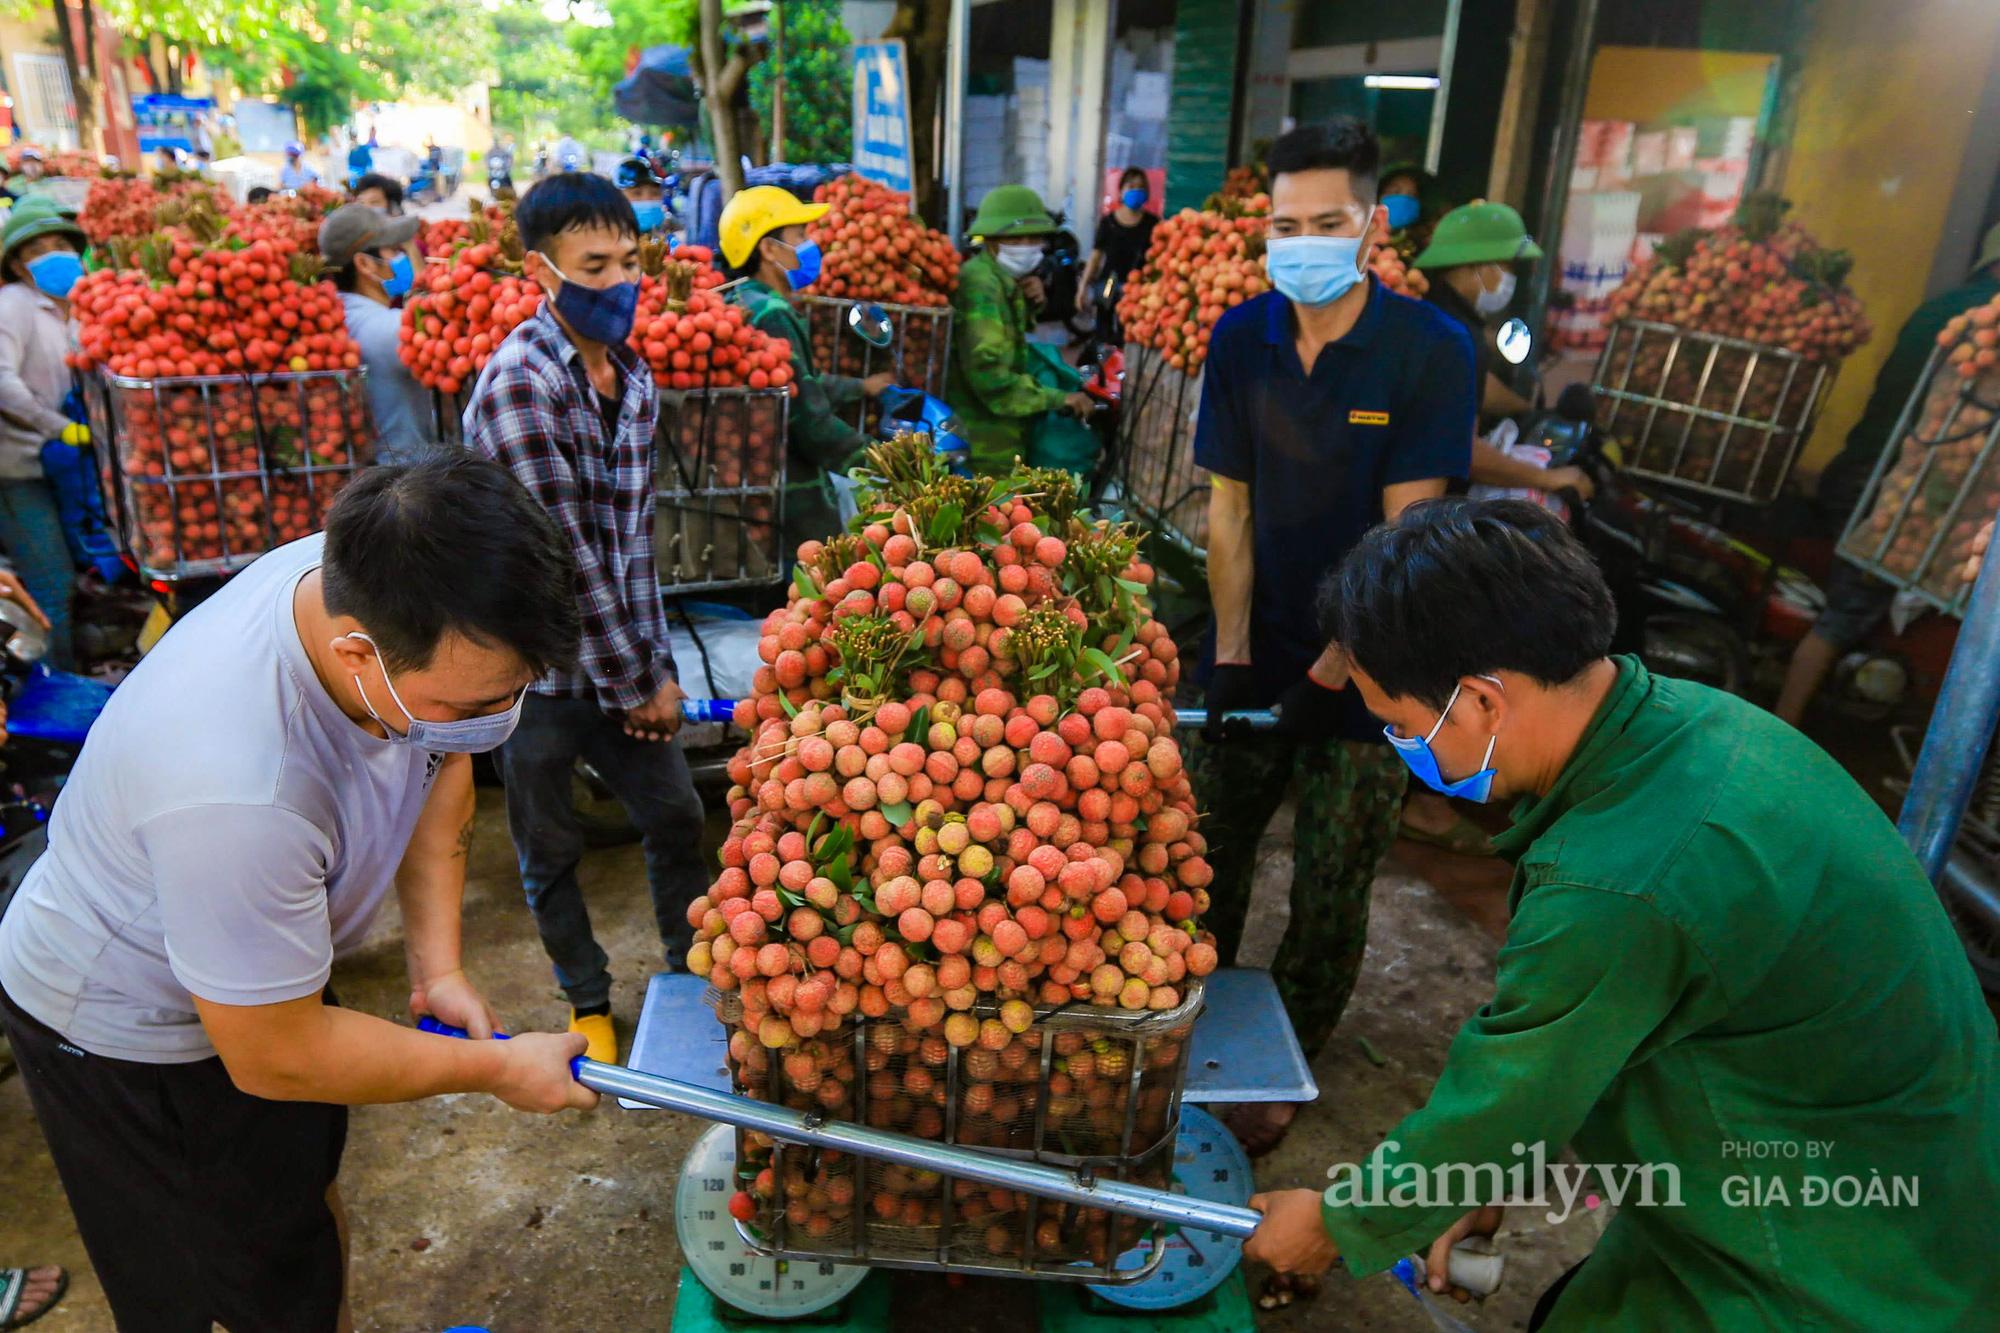 Chợ vải Bắc Giang nhộn nhịp vào mùa - Ảnh 9.